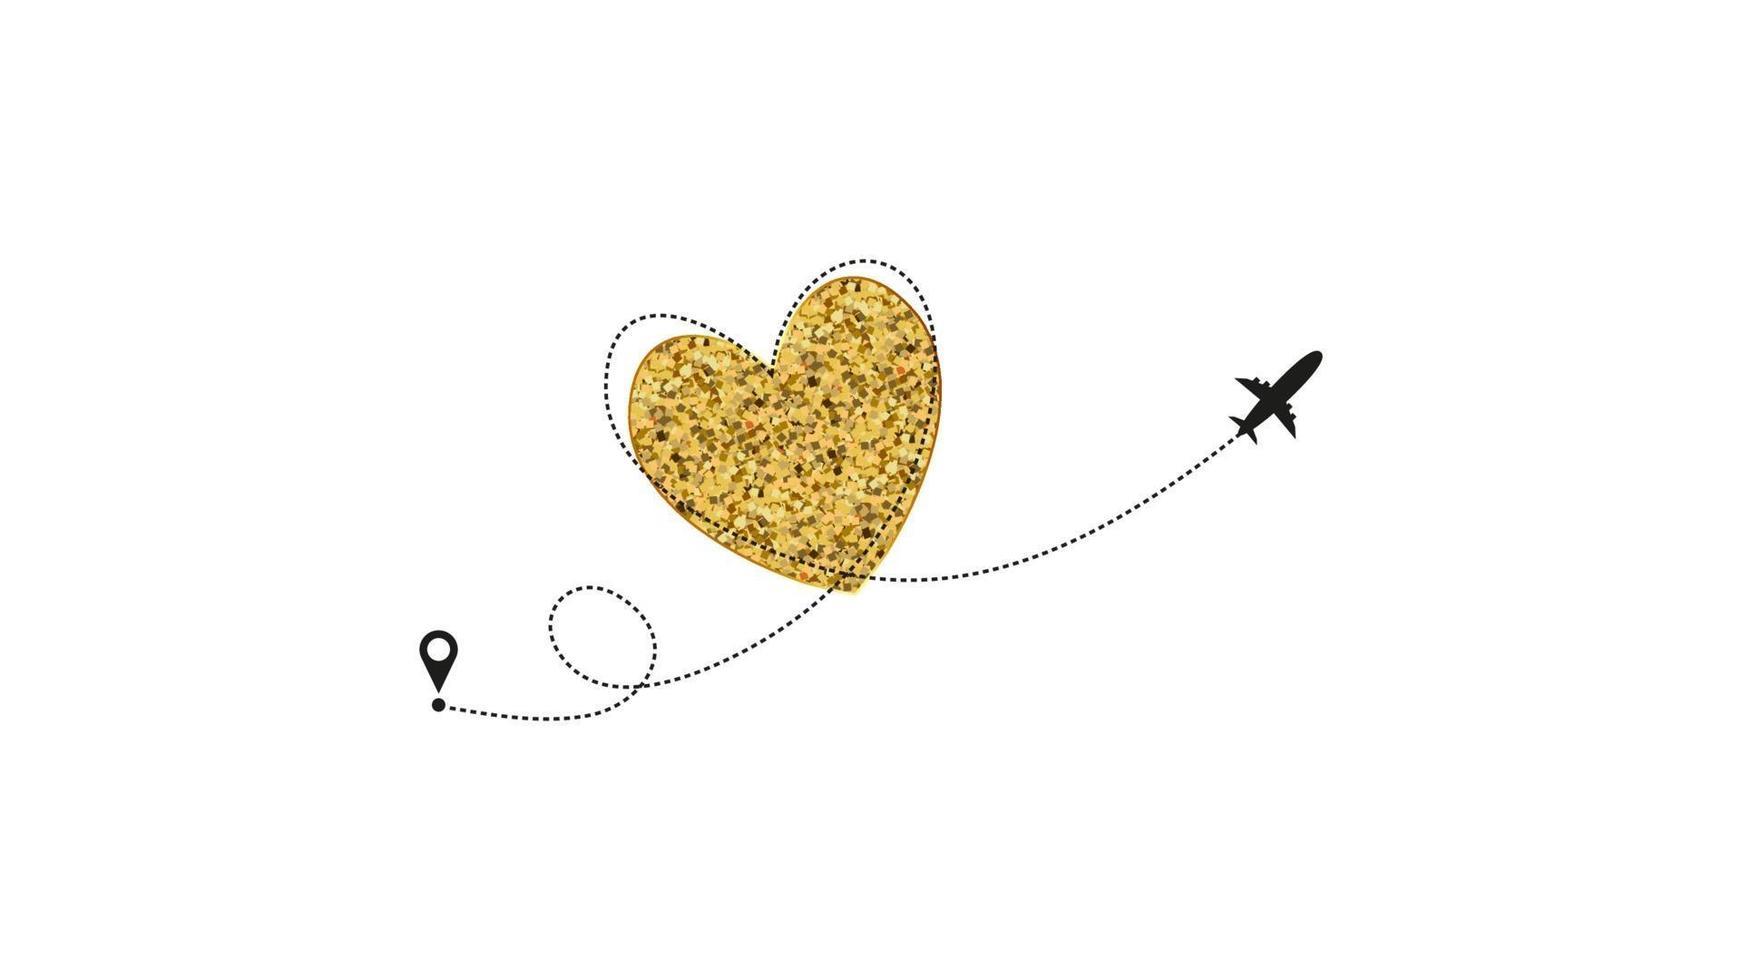 liebe Flugzeugroute. gestrichelte Linie des goldenen Herzens Spur und ebene Routen lokalisiert auf weißem Hintergrund. romantische Hochzeitsreise, Flitterwochenreise. herzförmige ebene Pfadzeichnung. vektor